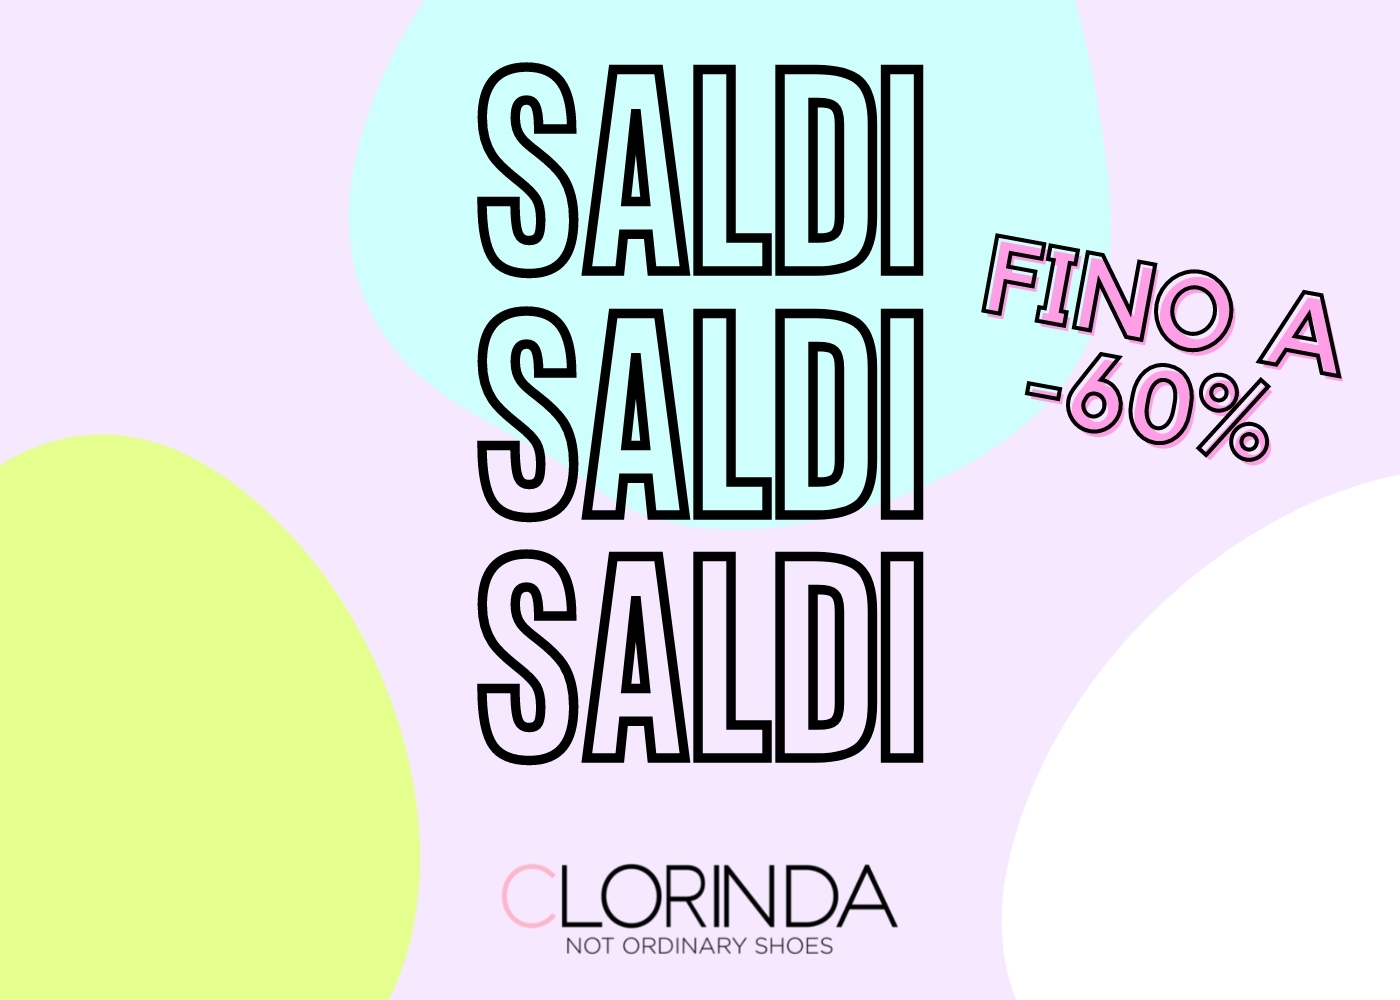 SALDI-SALDI-SALDI-2